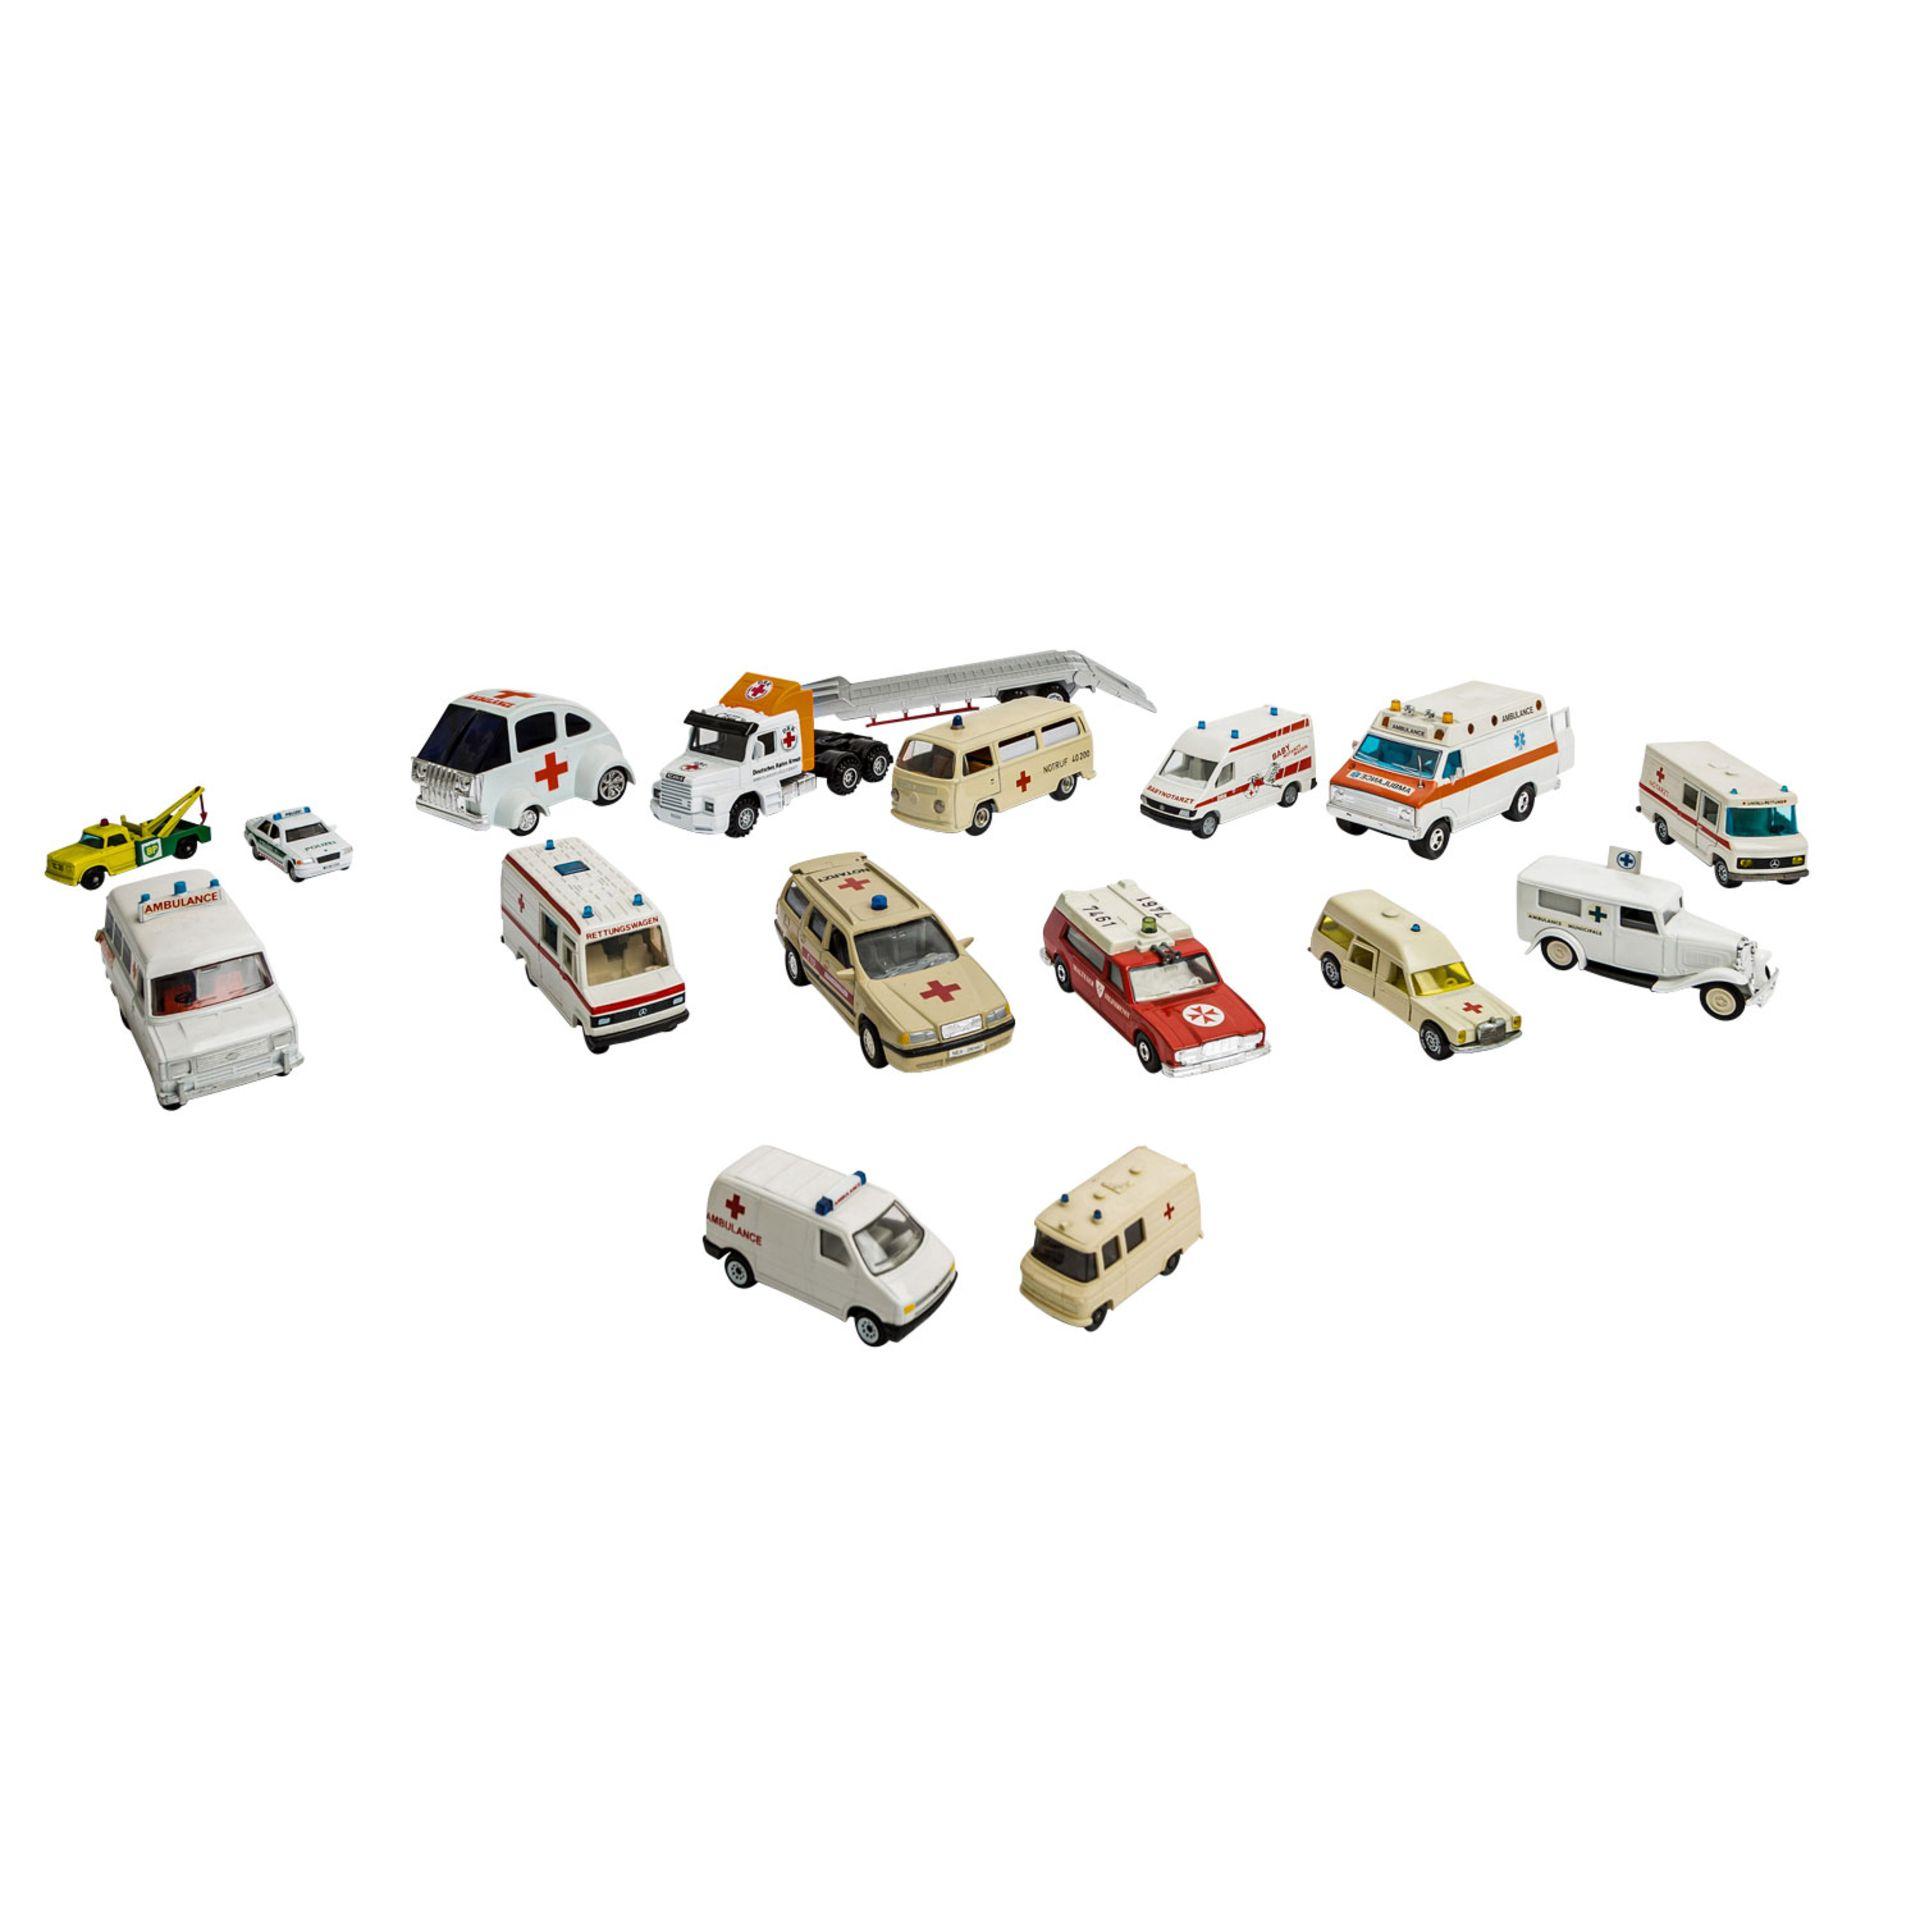 MATCHBOX/WIKING/HERPA u.v.a. Konvolut von ca. 100 Rettungsdienst-Modellfahrzeugen im Maßstab 1:87 bi - Image 2 of 7